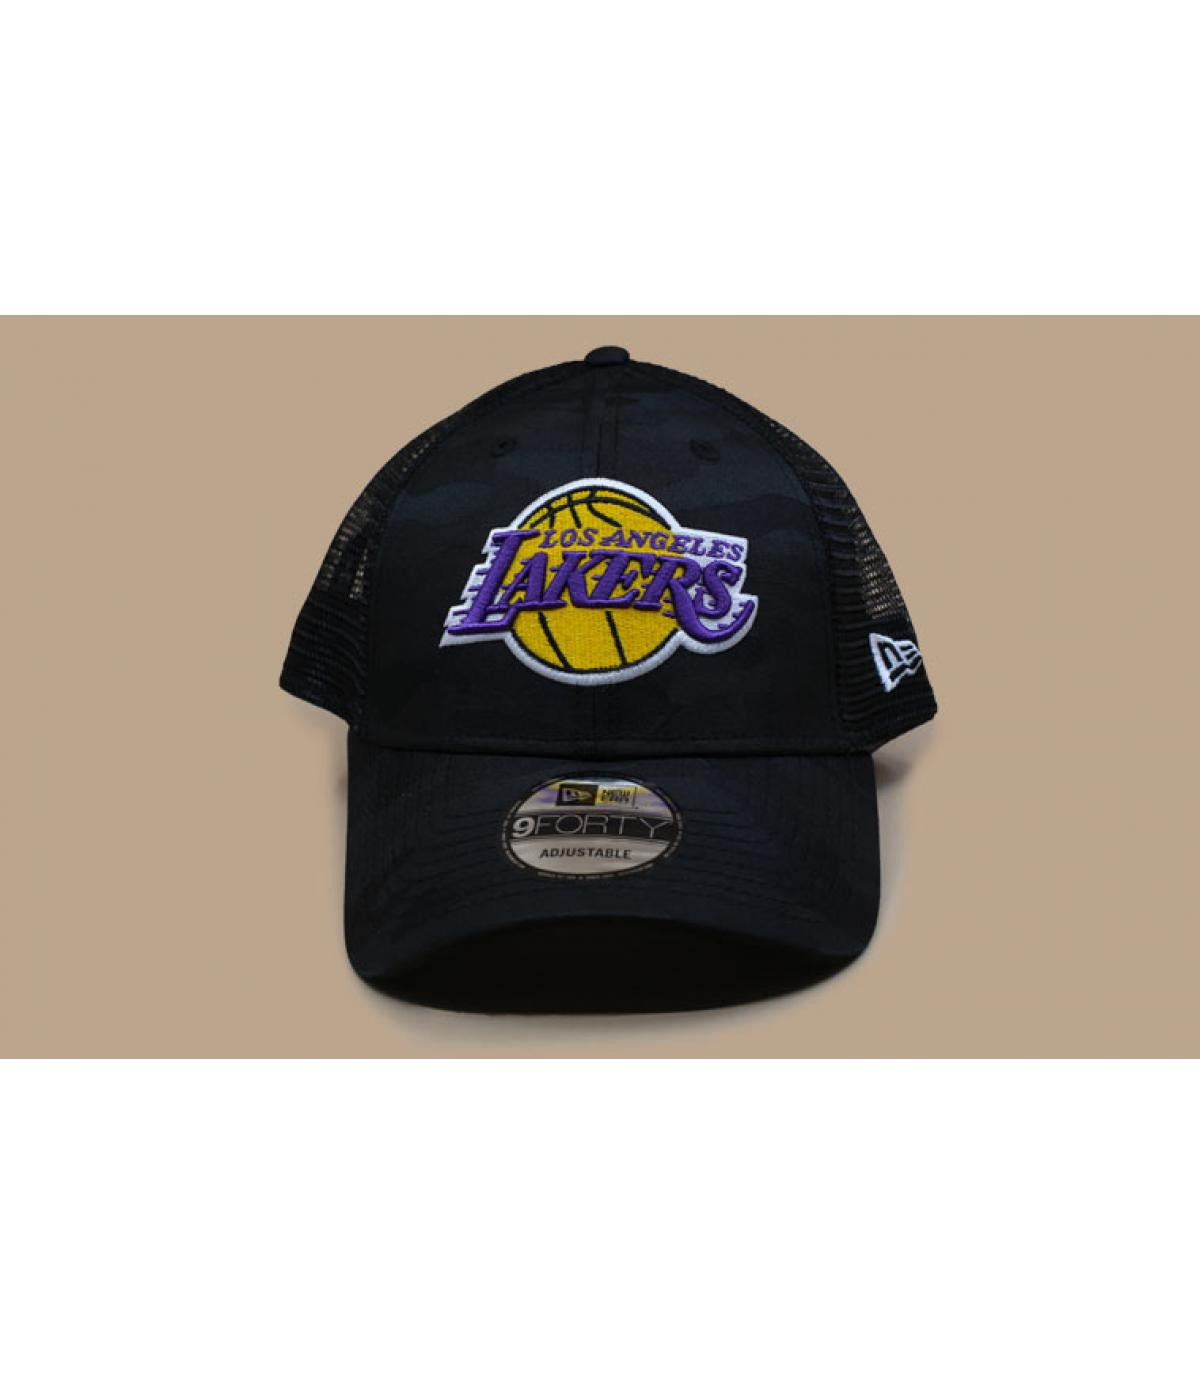 Détails Trucker Seasonal The League 940 Lakers - image 3